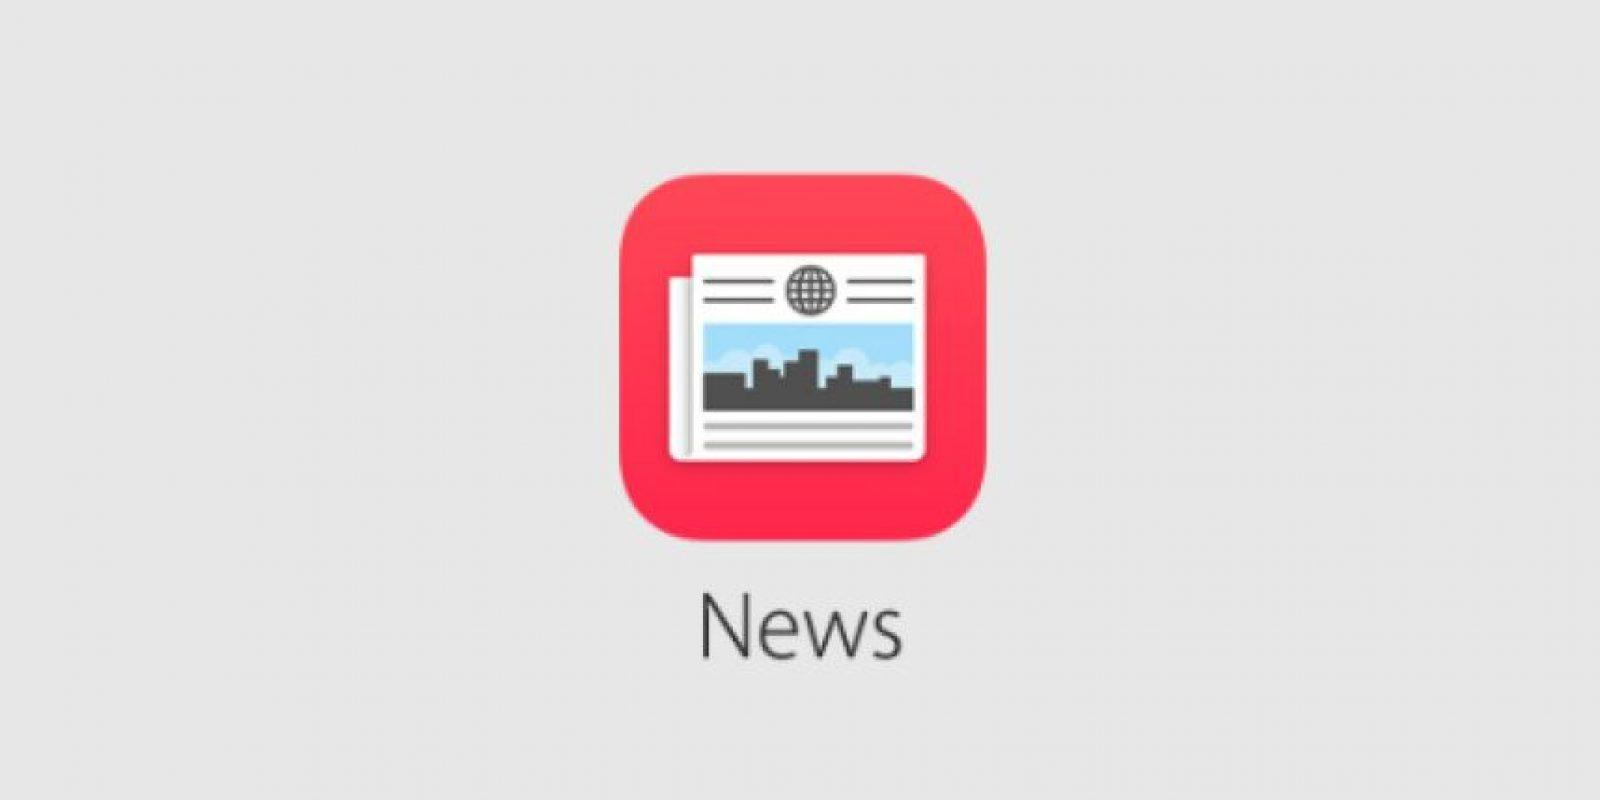 News permitirá ahora leer contenido de noticias e información en el momento Foto:Apple